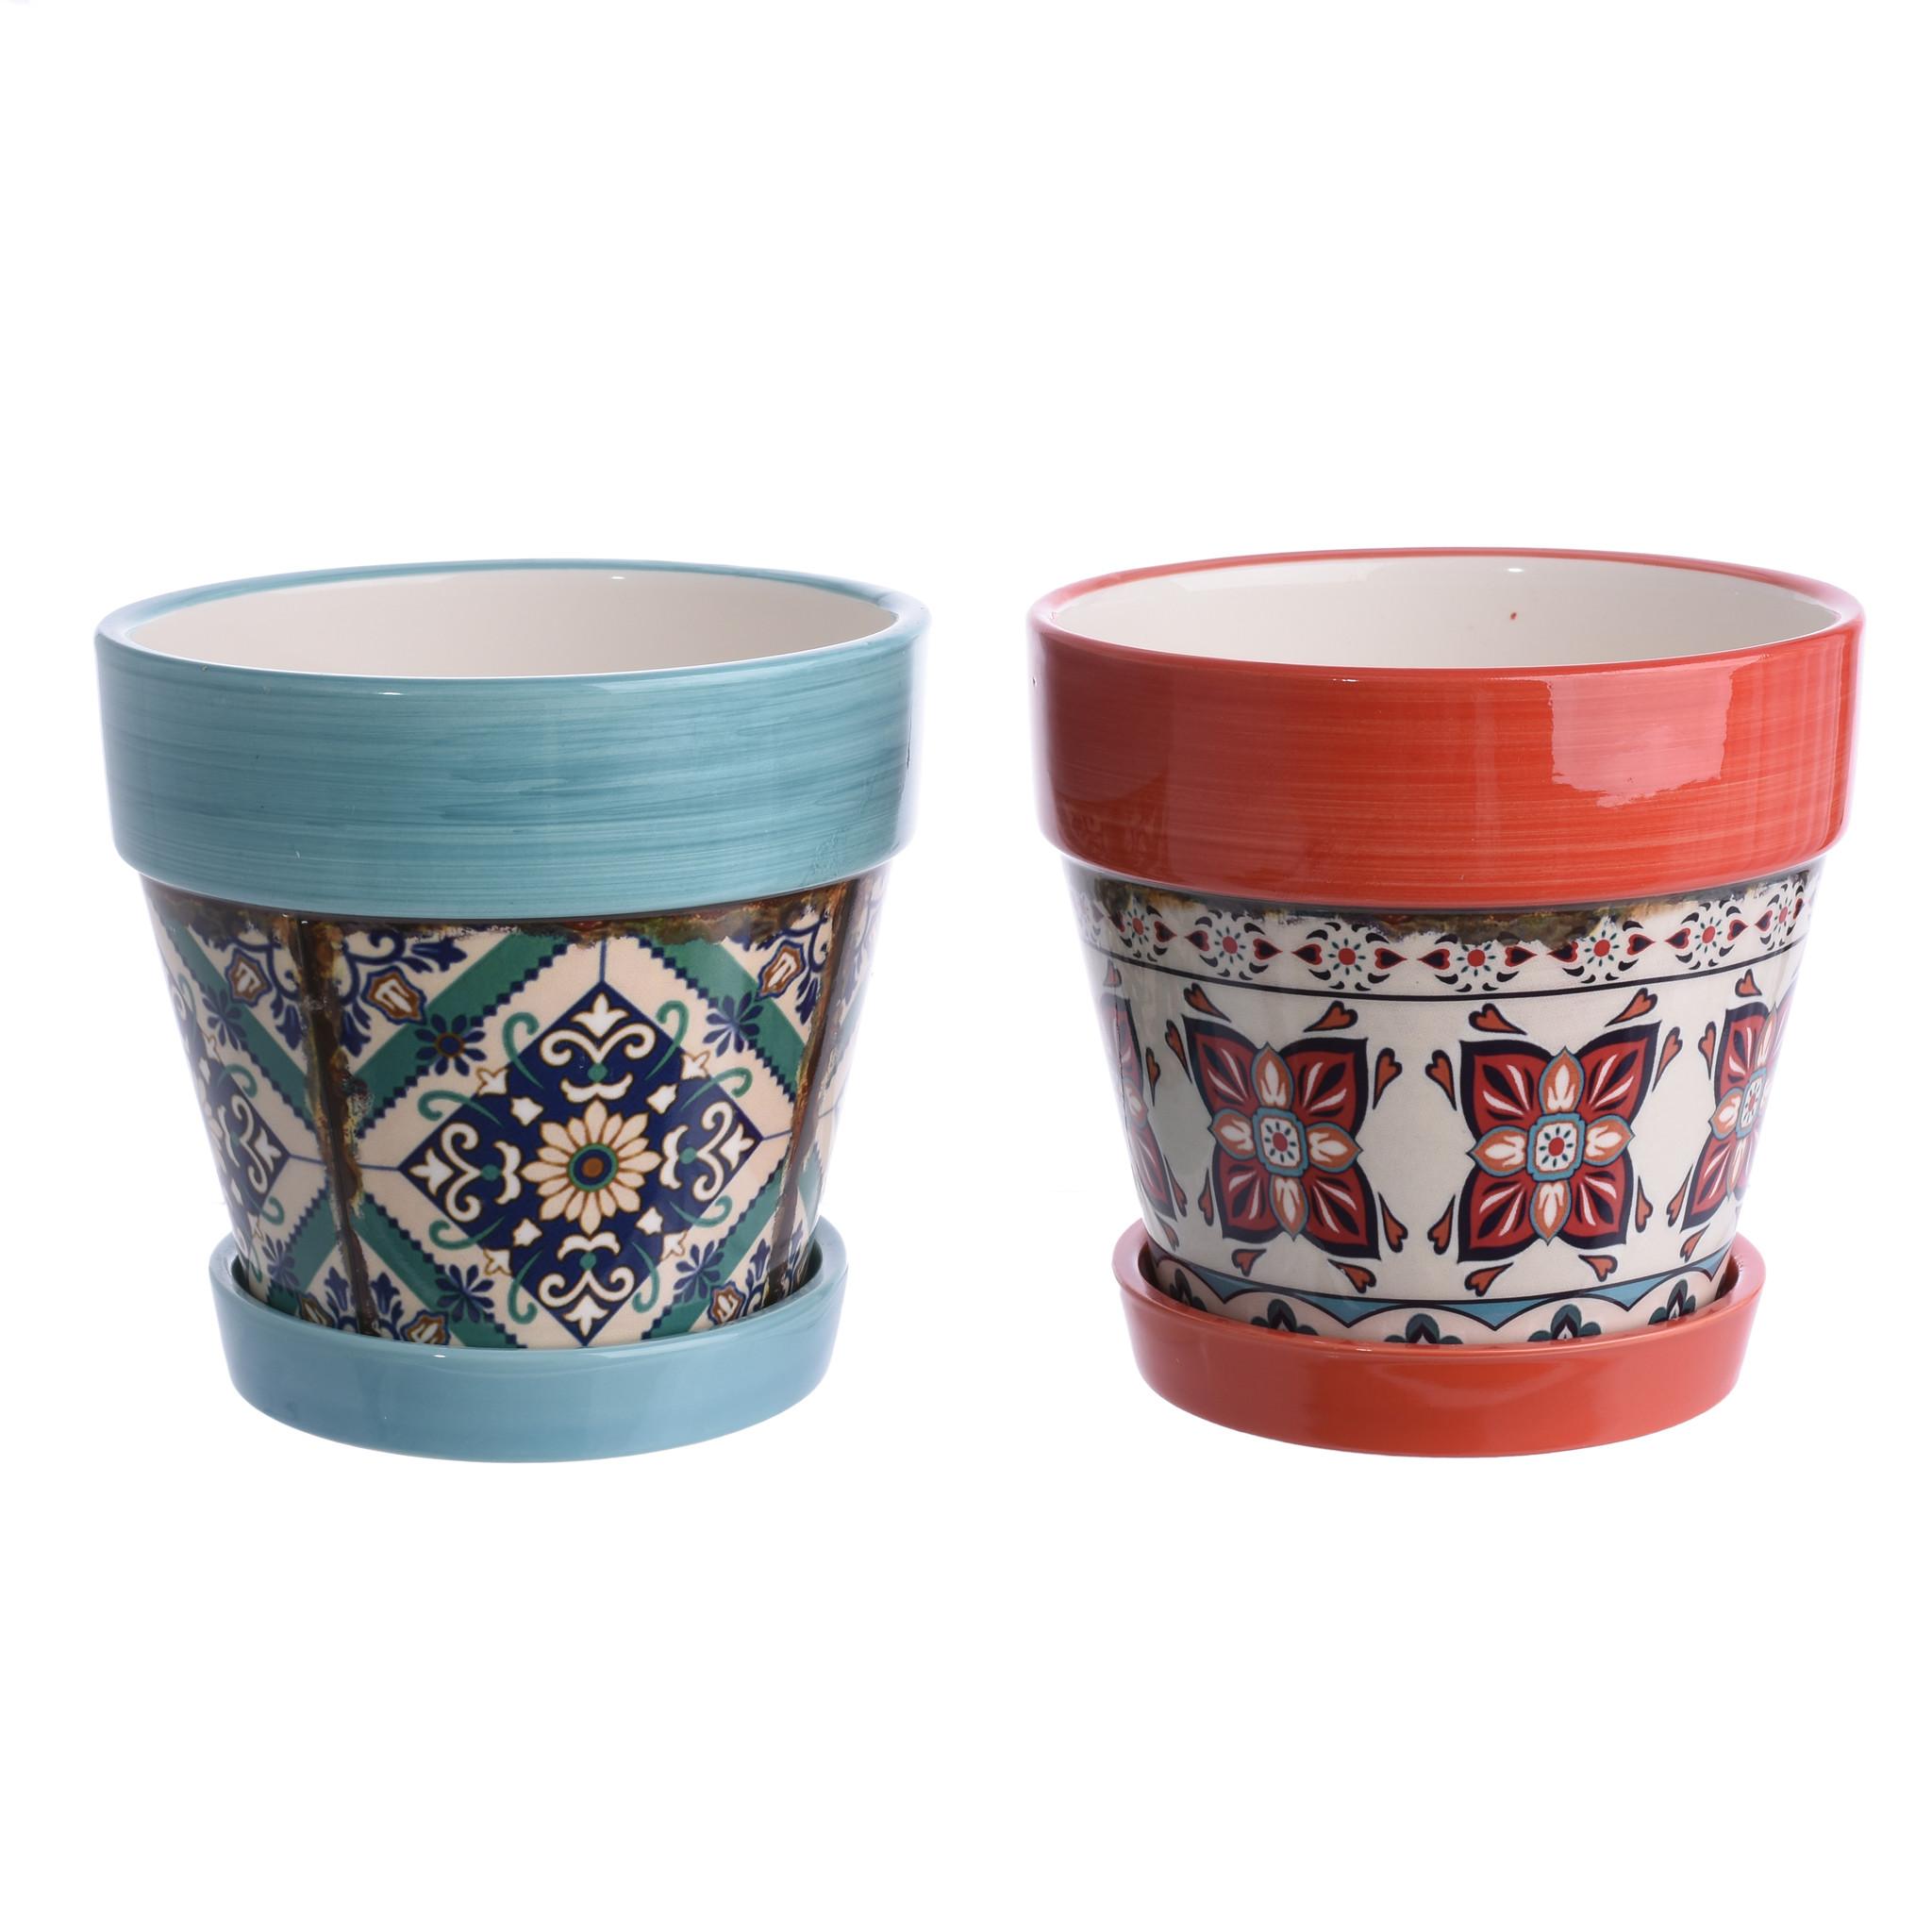 Набор кашпо Kelila (2шт)Кашпо и аксессуары для цветов<br><br><br>Material: Керамика<br>Ширина см: 30<br>Высота см: 35<br>Глубина см: 30